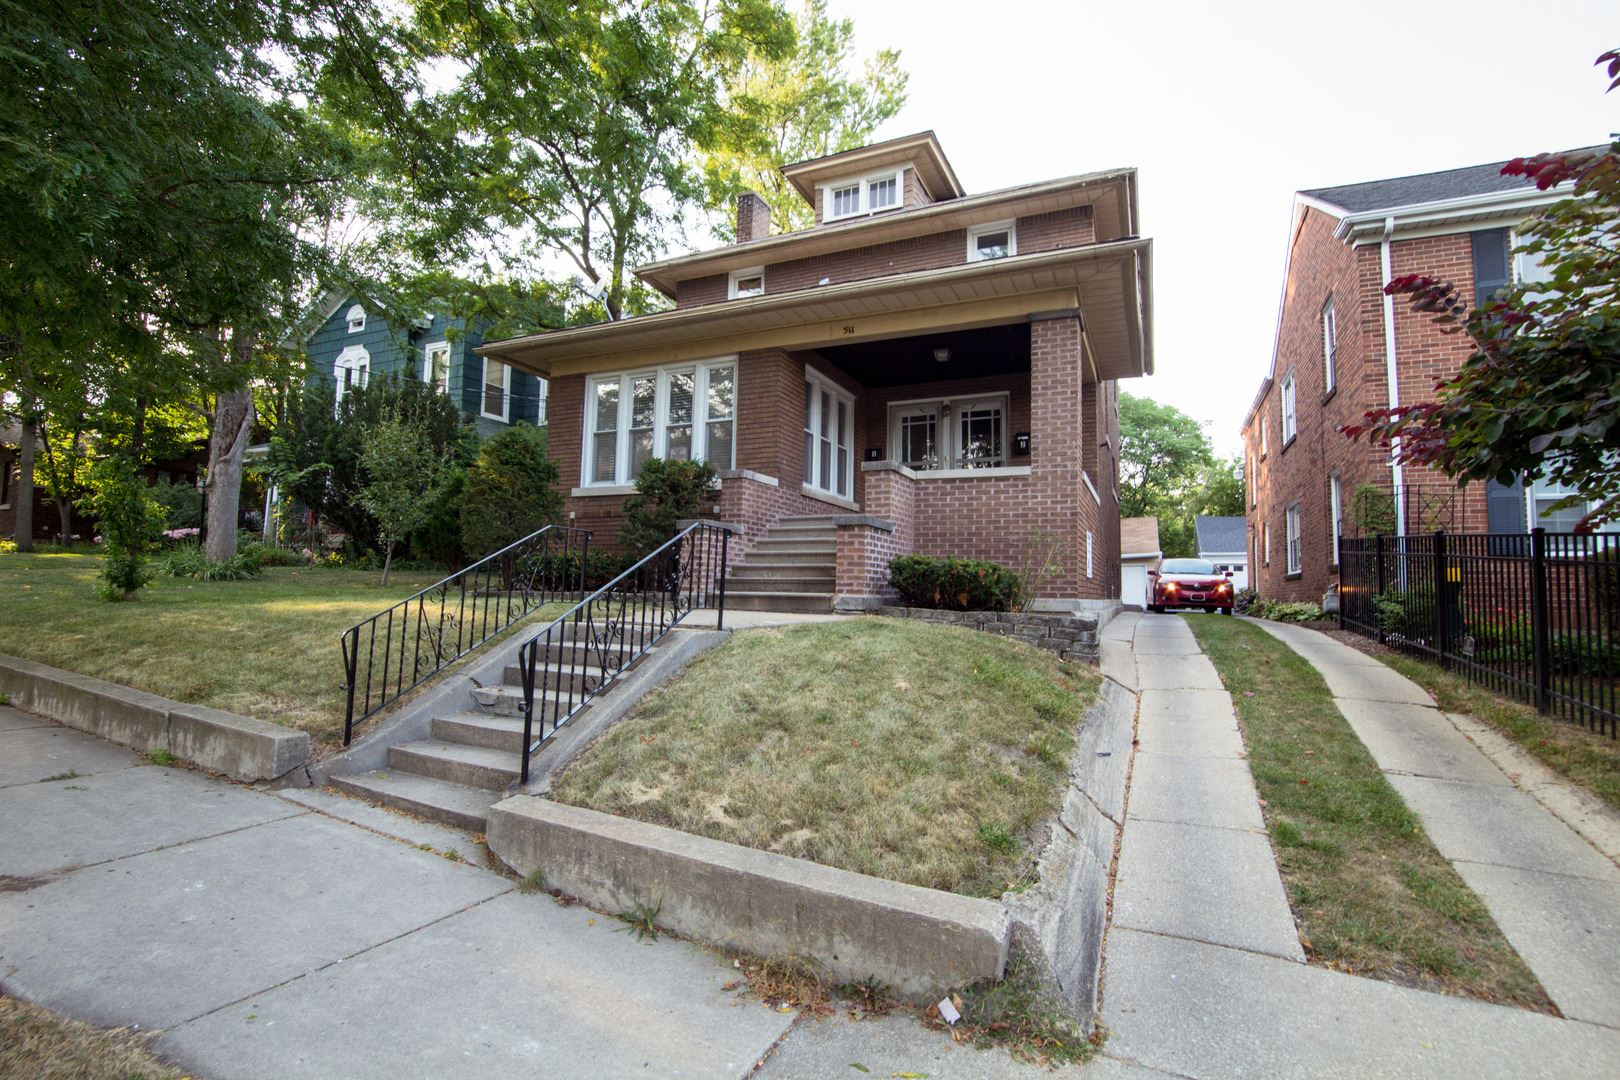 Photo of 511 W Marion Street, Joliet, IL 60436 (MLS # 10856450)